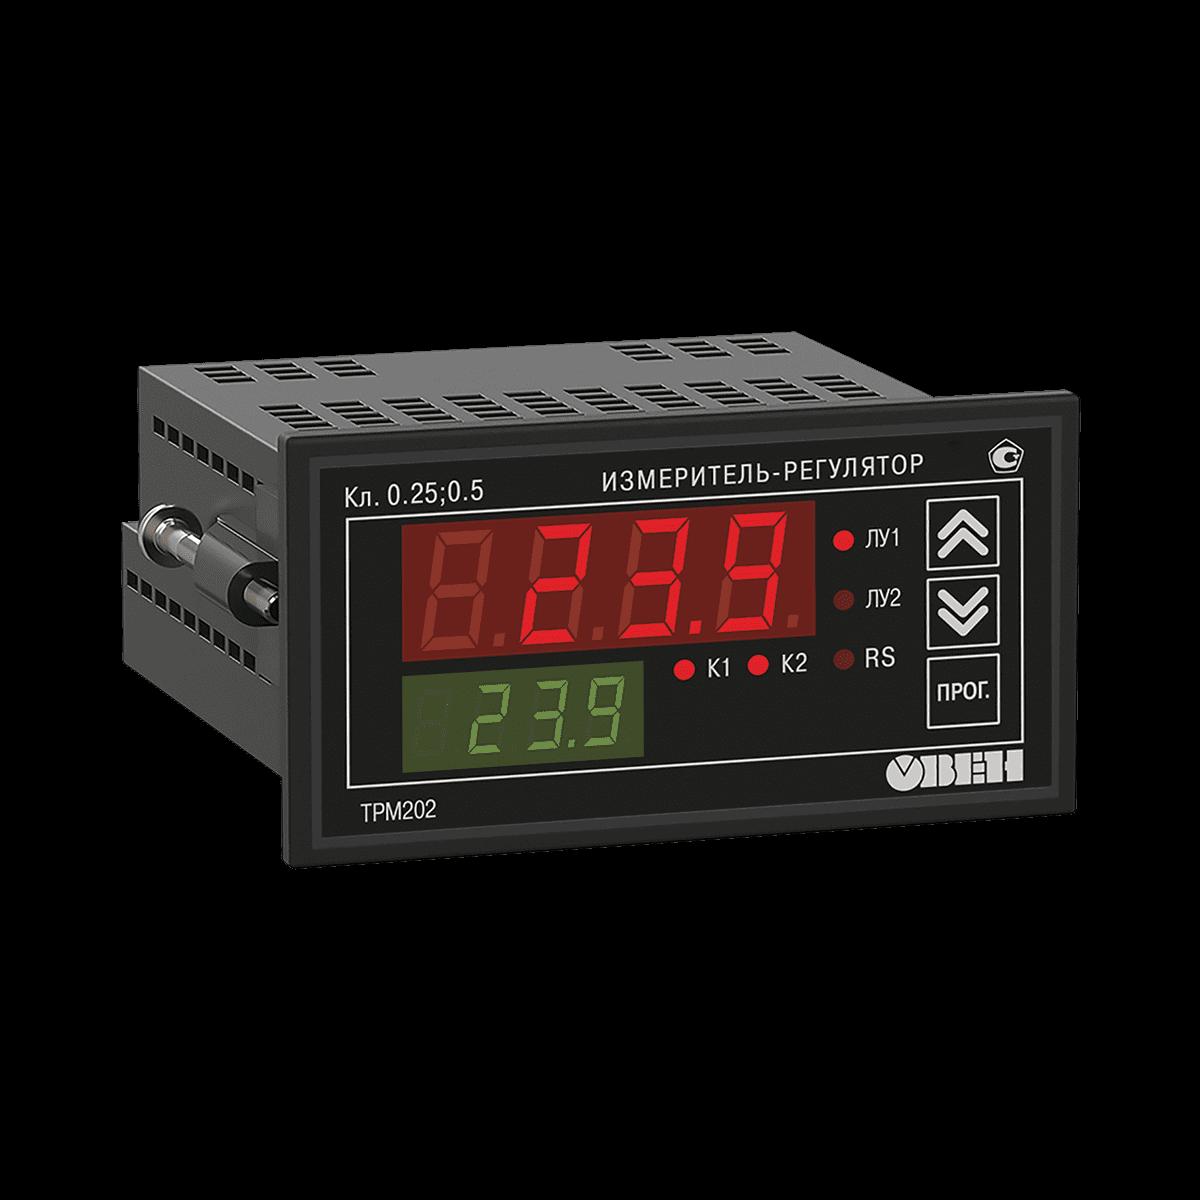 Измеритель-регулятор двухканальный ТРМ202-Щ2.РР